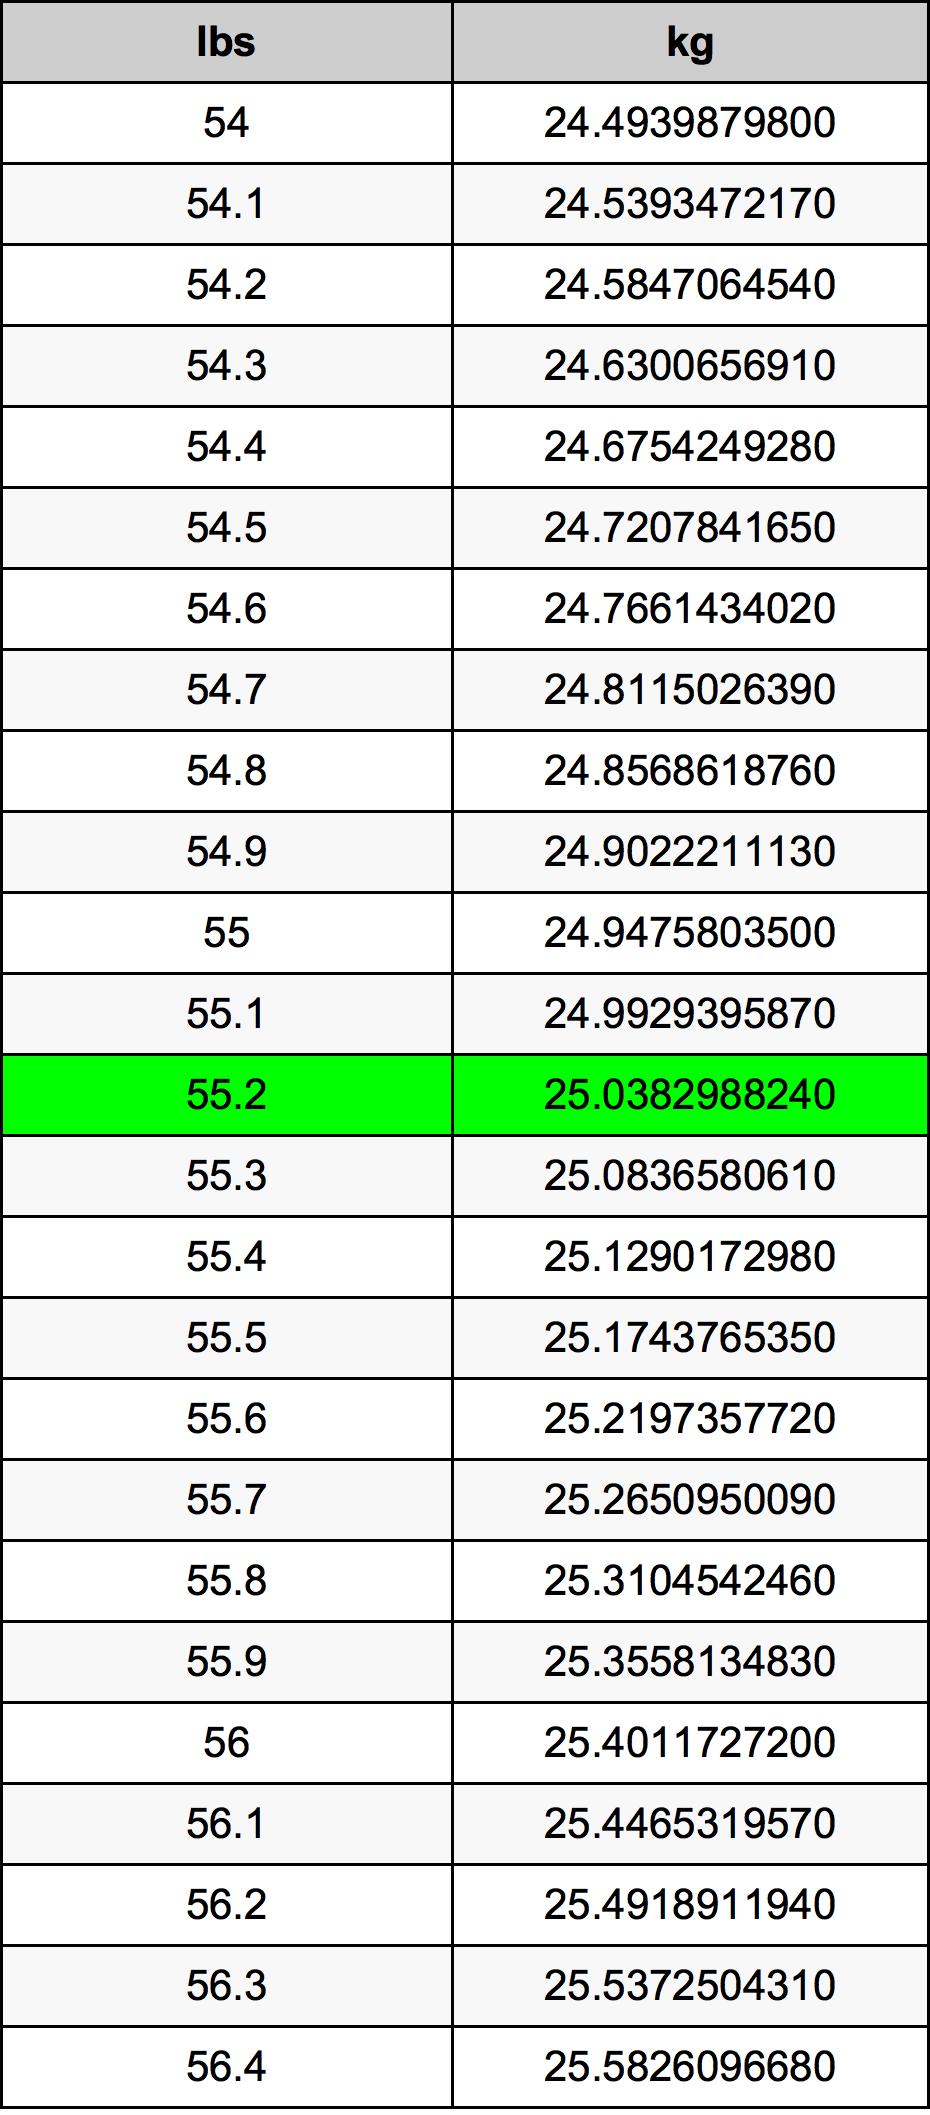 55.2 livră tabelul de conversie